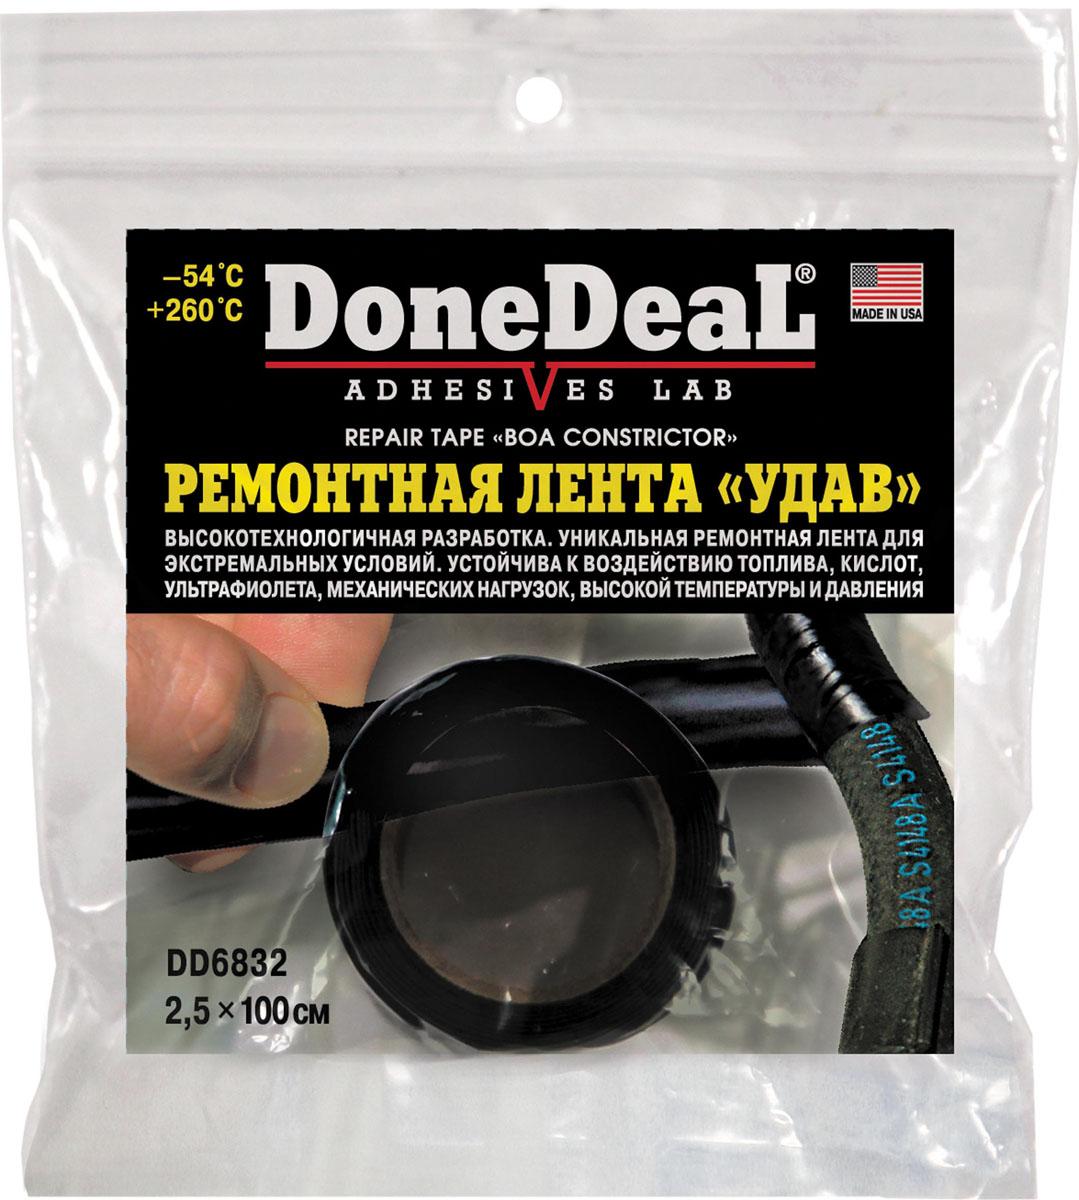 Термостойкая (до 260 С) ремонтная лента Done Deal Удав, цвет: черный. DD 6832IRK-503Высокотехнологичная разработка. Уникальная ремонтная лента для экстремальных нагрузок. Устойчива к воздействию топлива, кислот, ультрафиолета, механических нагрузок, высокой температуры и давления. Не имеет клеевого слоя, полимеризуется при наматывании и создает плотный и прочный слой-бандаж, «спекаясь» в однородную массу. Работает в интервале температур от -54°С до +260°С, в условиях, в которых обычные изоляционные ленты применяться не могут. Обладает высокими диэлектрическими свойствами, обеспечивает изоляцию при напряжении до 7870 В (слой 0,5 мм) — в зависимости от влажности и рабочего напряжения рекомендуется использовать несколько слоев. Выдерживает высокое давление жидкостей и газов. Прочность на растяжение — не менее 4,8 МРа. Вытягивается до 300%, не теряя своих свойств. Хорошо облегает сложные формы, не сползает, не пачкается. Применяется для герметизации течей труб из различных материалов и резиновых шлангов, в том числе находящихся под давлением; электроизоляции проводов, разъемов, штекеров, а также соединений, работающих в воде или под землей; изготовления вибропоглощающих долговечных рукояток для инструмента и удобных ручек для спортинвентаря; ремонта катеров и яхт, предохранения концов канатов от раскручивания; обеспечивает надежный ремонт шлангов радиаторов прямо на дороге. Отремонтированная техника может эксплуатироваться через 15-20 минут. Полная полимеризация ремонтного слоя происходит через 24 часа. Нагрев ускоряет «спекание». Не токсична.